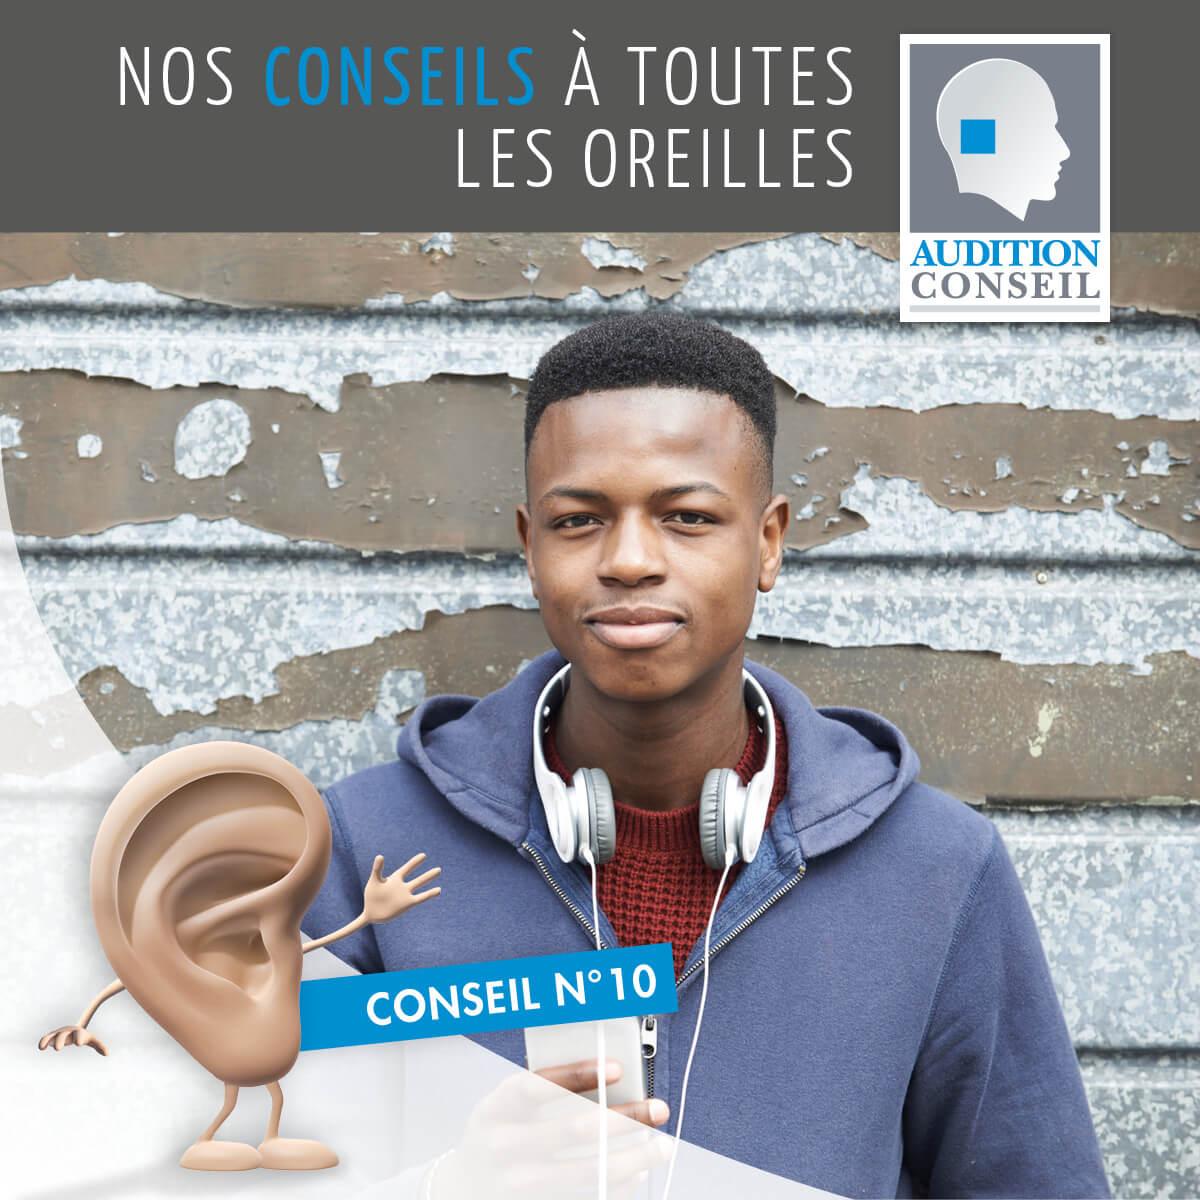 Conseils_a_toutes_les_oreilles_10